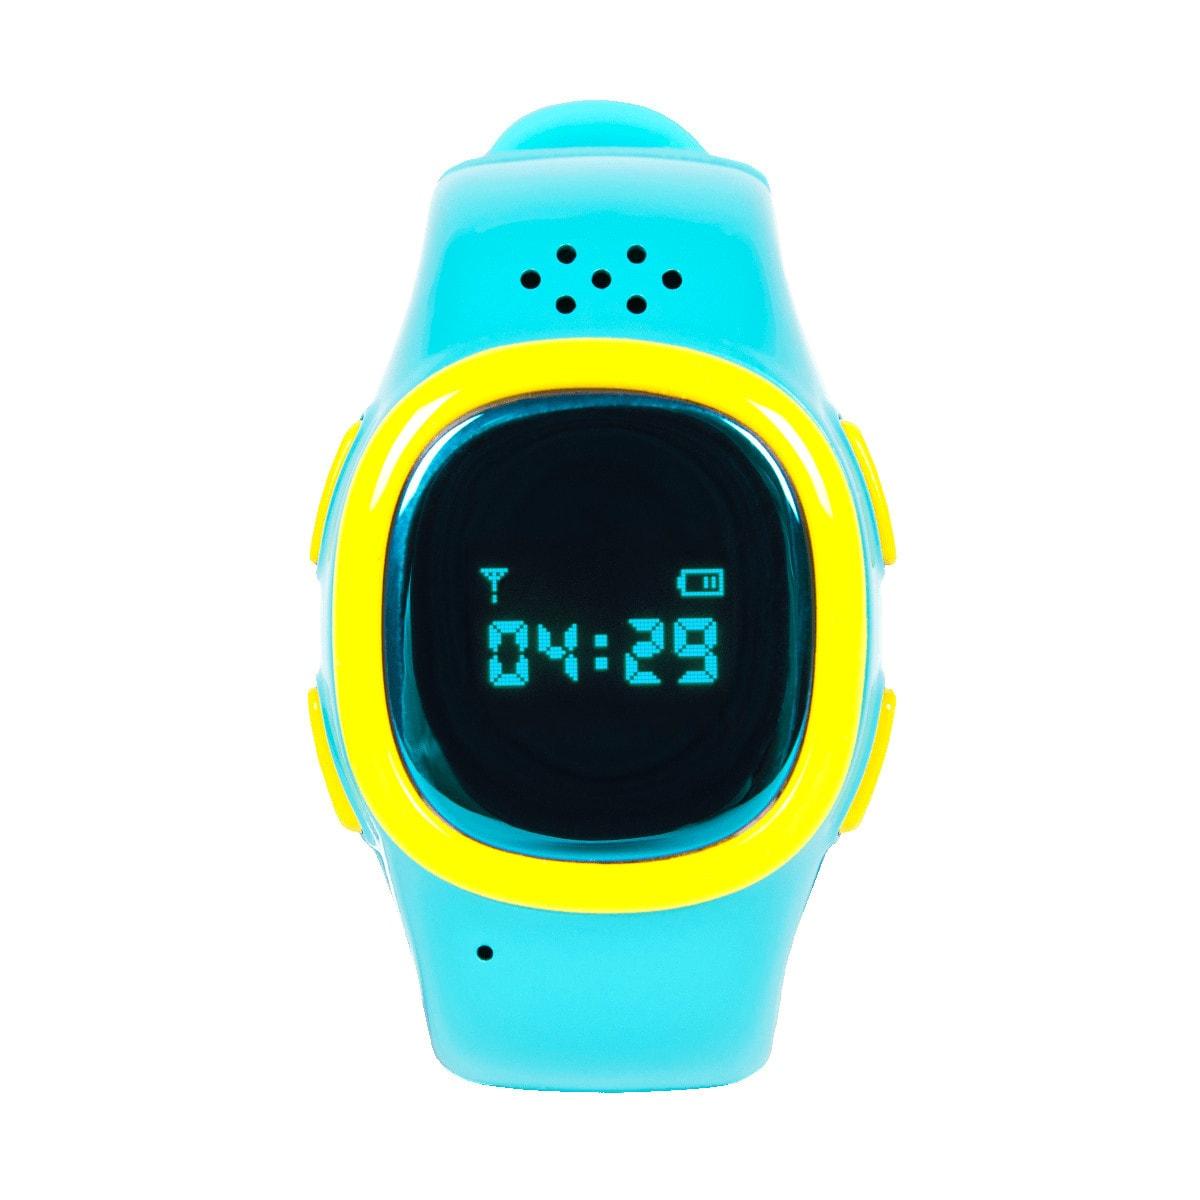 Детские часы-телефон с gps трекером EnBe Children Watch 2 Blue (уценка, вскрытая коробка)